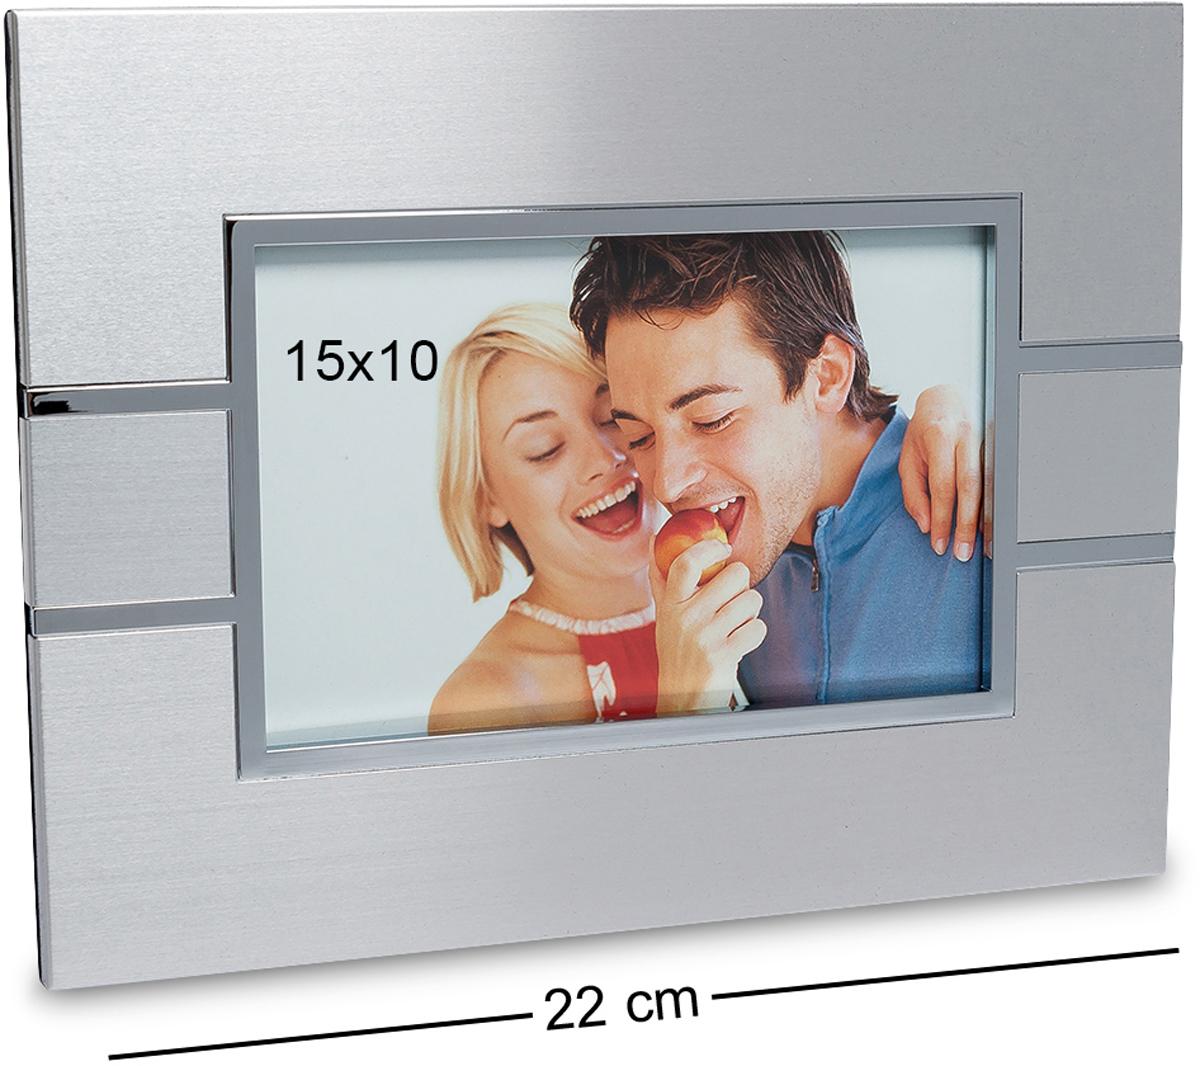 Фоторамка Bellezza Casa Яркое свидание, фото 15х10. CHK-01912723Фоторамка для фотографий 15х10 смЯркое свидание должно запомниться на всю жизнь. А помогут вам в этом множество удивительных, красочных фотографий, размещённых в рамочки. Рамка для фото Яркое свидание не просто поможет красиво оформить памятное фото, но и станет украшением стены или полки вашей комнаты. Фоторамочка настолько шикарна и изыскана, в ней привлекает исключительно все. Изготовлена из металла и пластика.